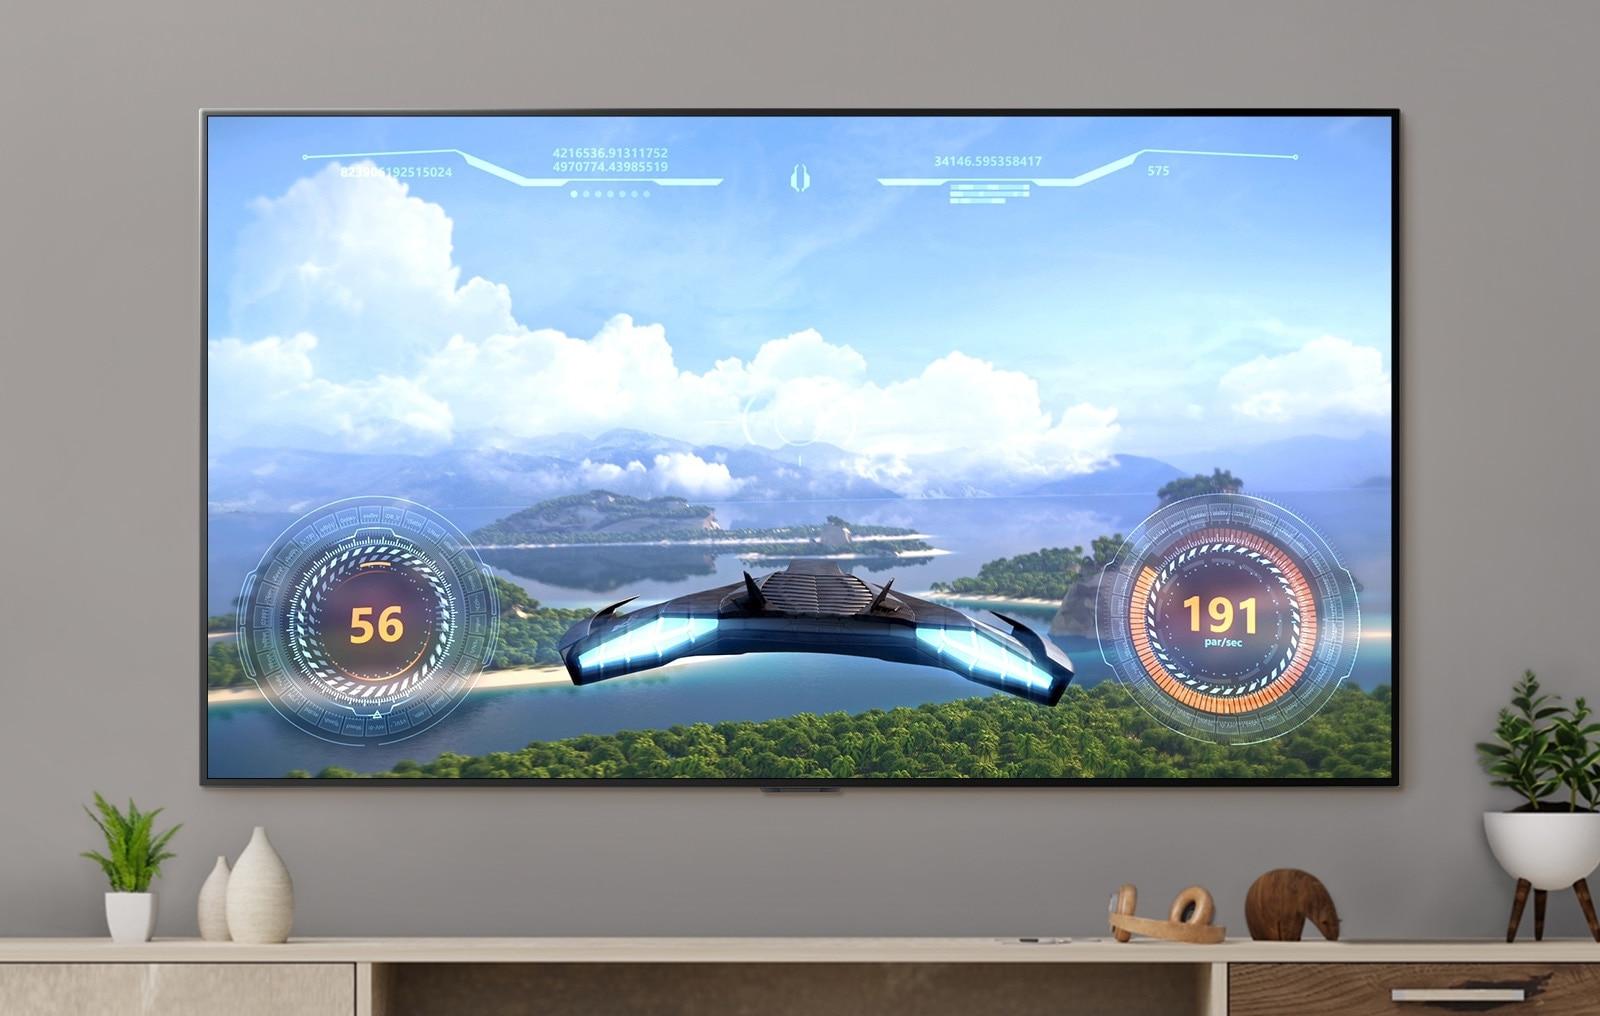 電視屏幕上顯示了太空飛船的遊戲